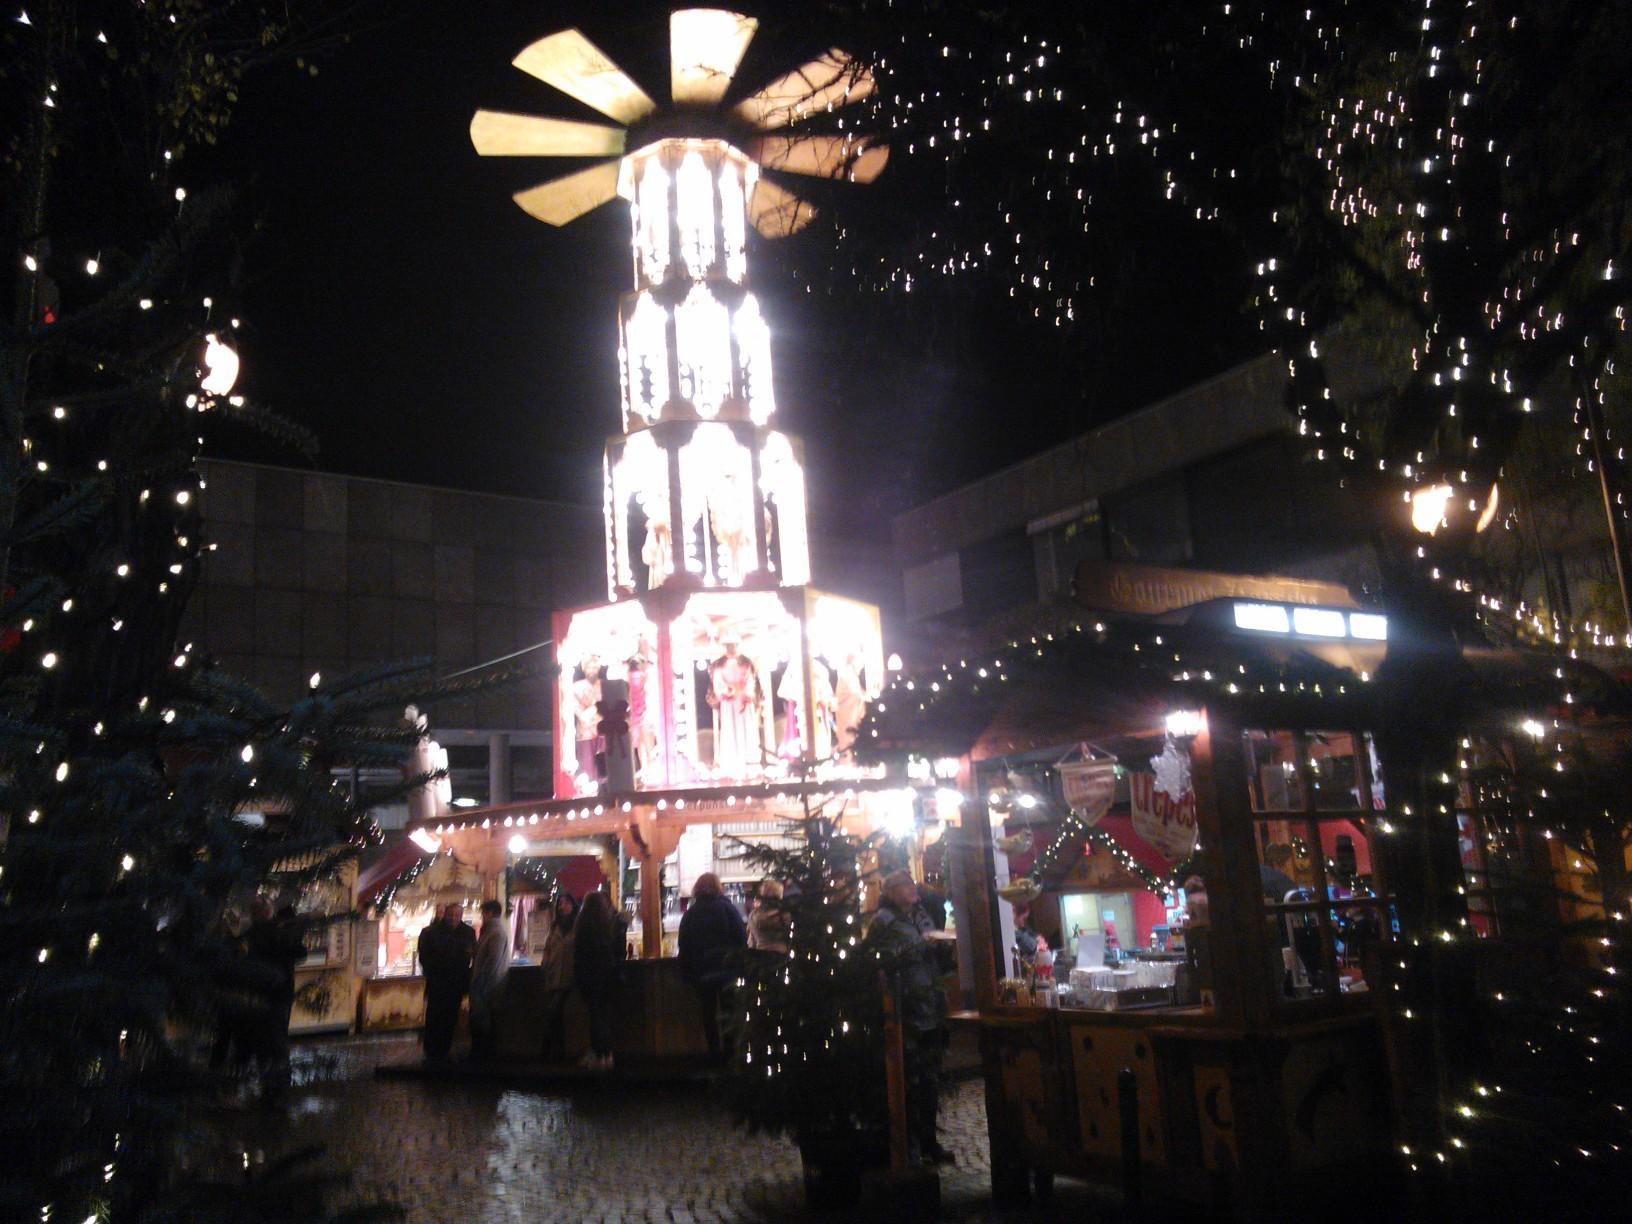 Weihnachtsmarkt Bonn.Weihnachtsmarkt Bonn Erasmus Photo Bonn